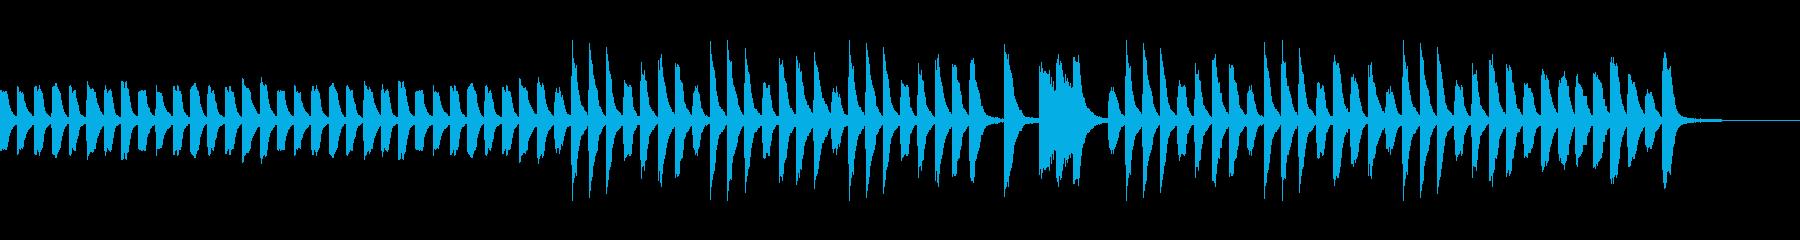 ゆったりカワイイほのぼのしたピアノ曲の再生済みの波形